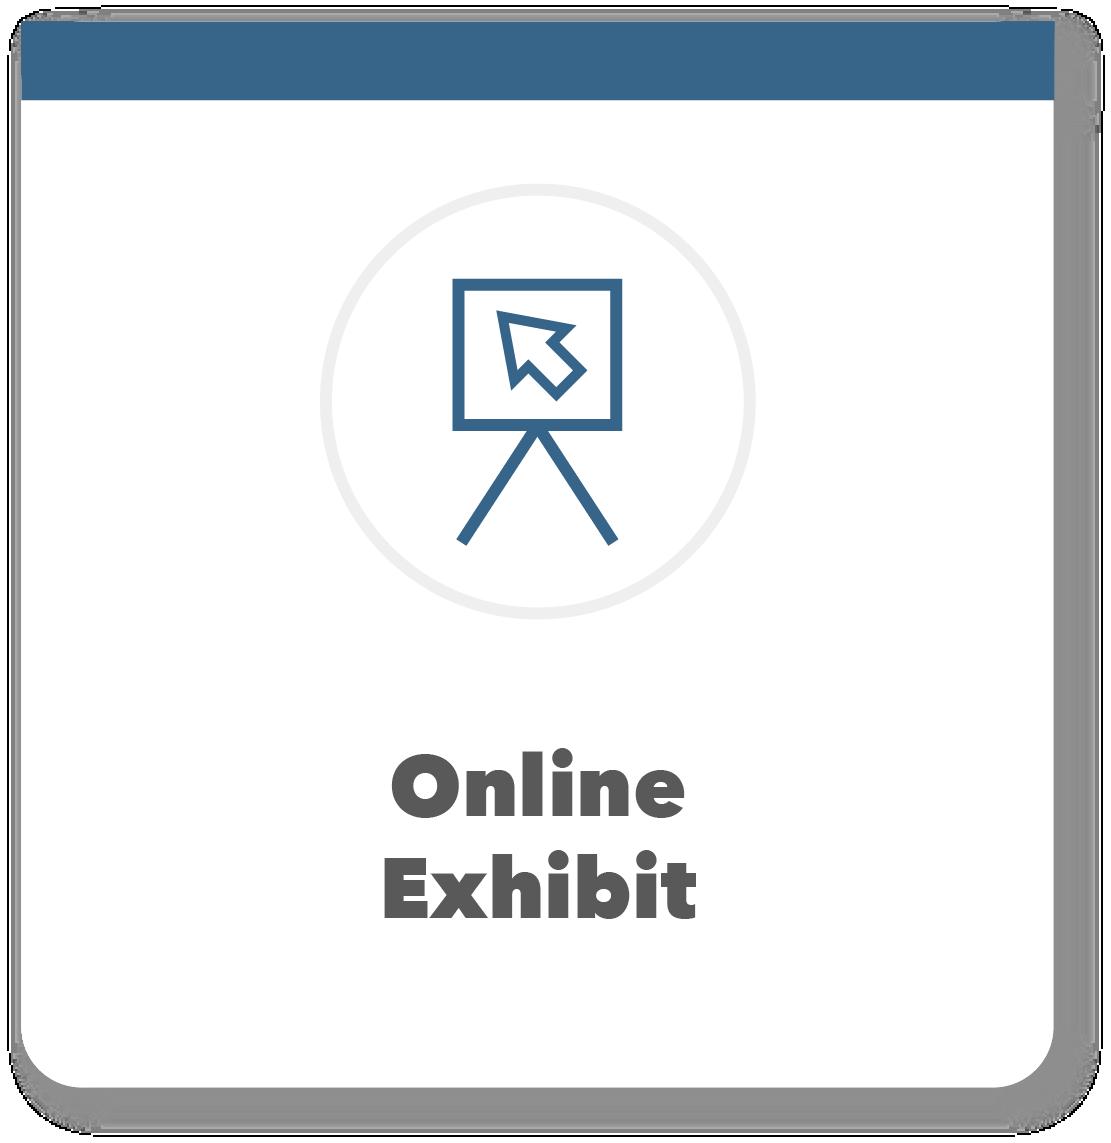 Online Exhibit